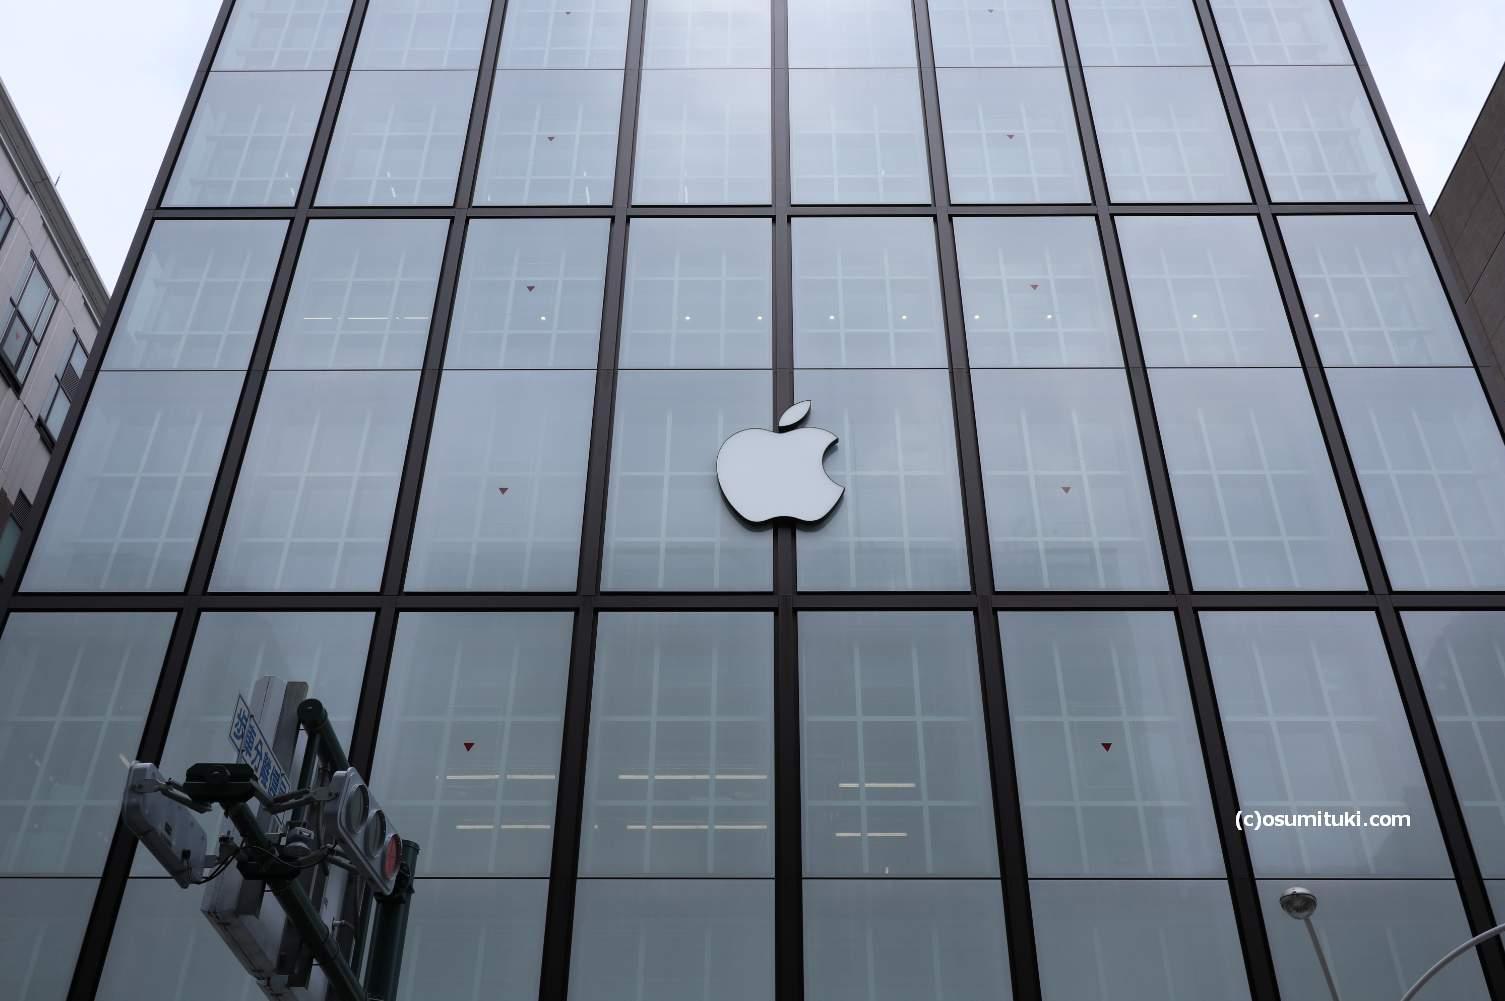 Apple Store京都のアップルマーク(2018年9月6日撮影)